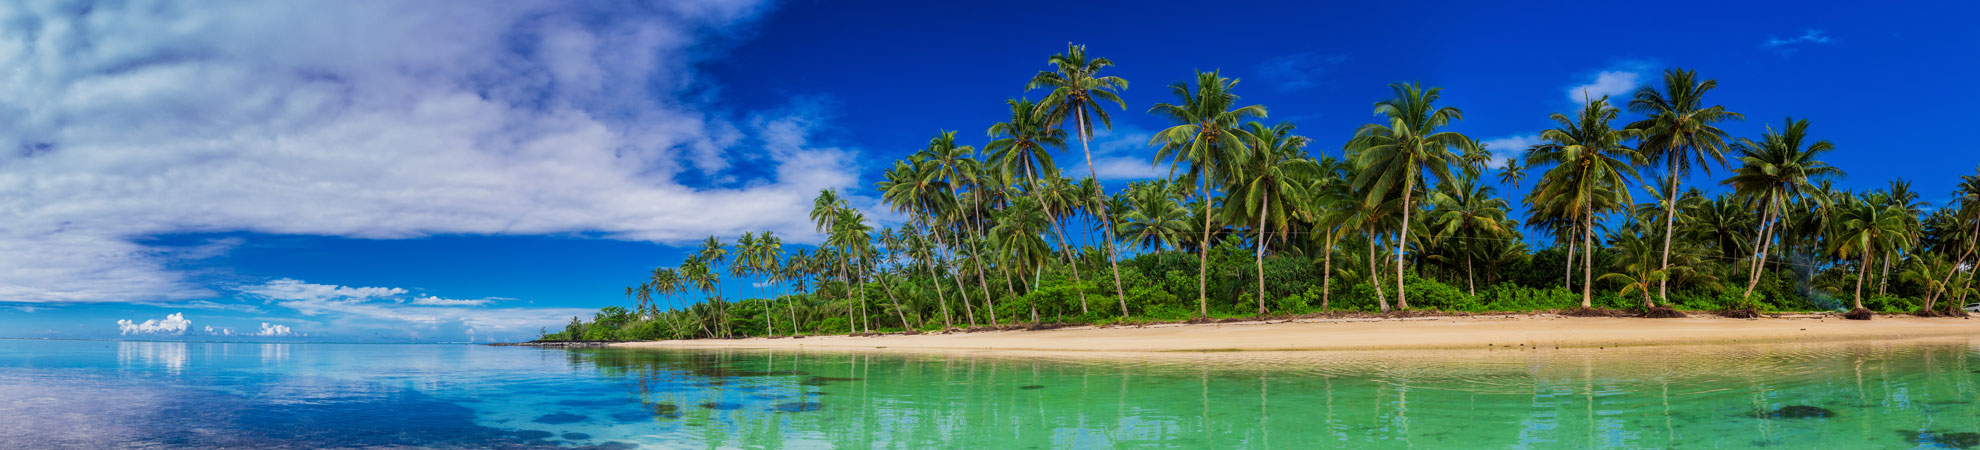 Quels sont les meilleurs moyens de communication en Polynésie